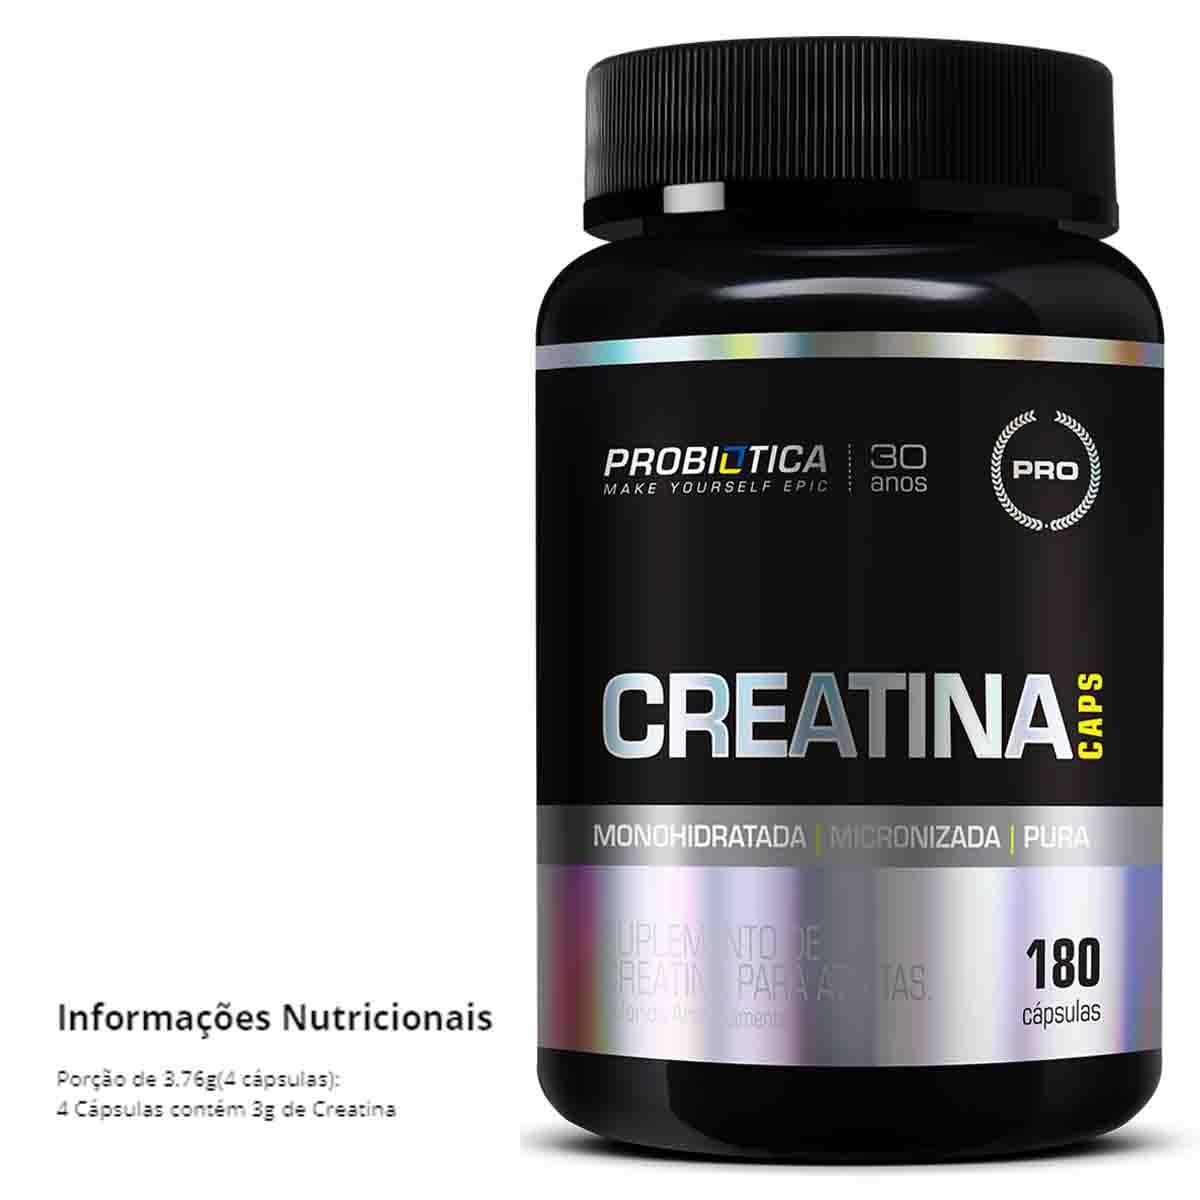 Creatina Caps 180 Cápsulas - Probiótica